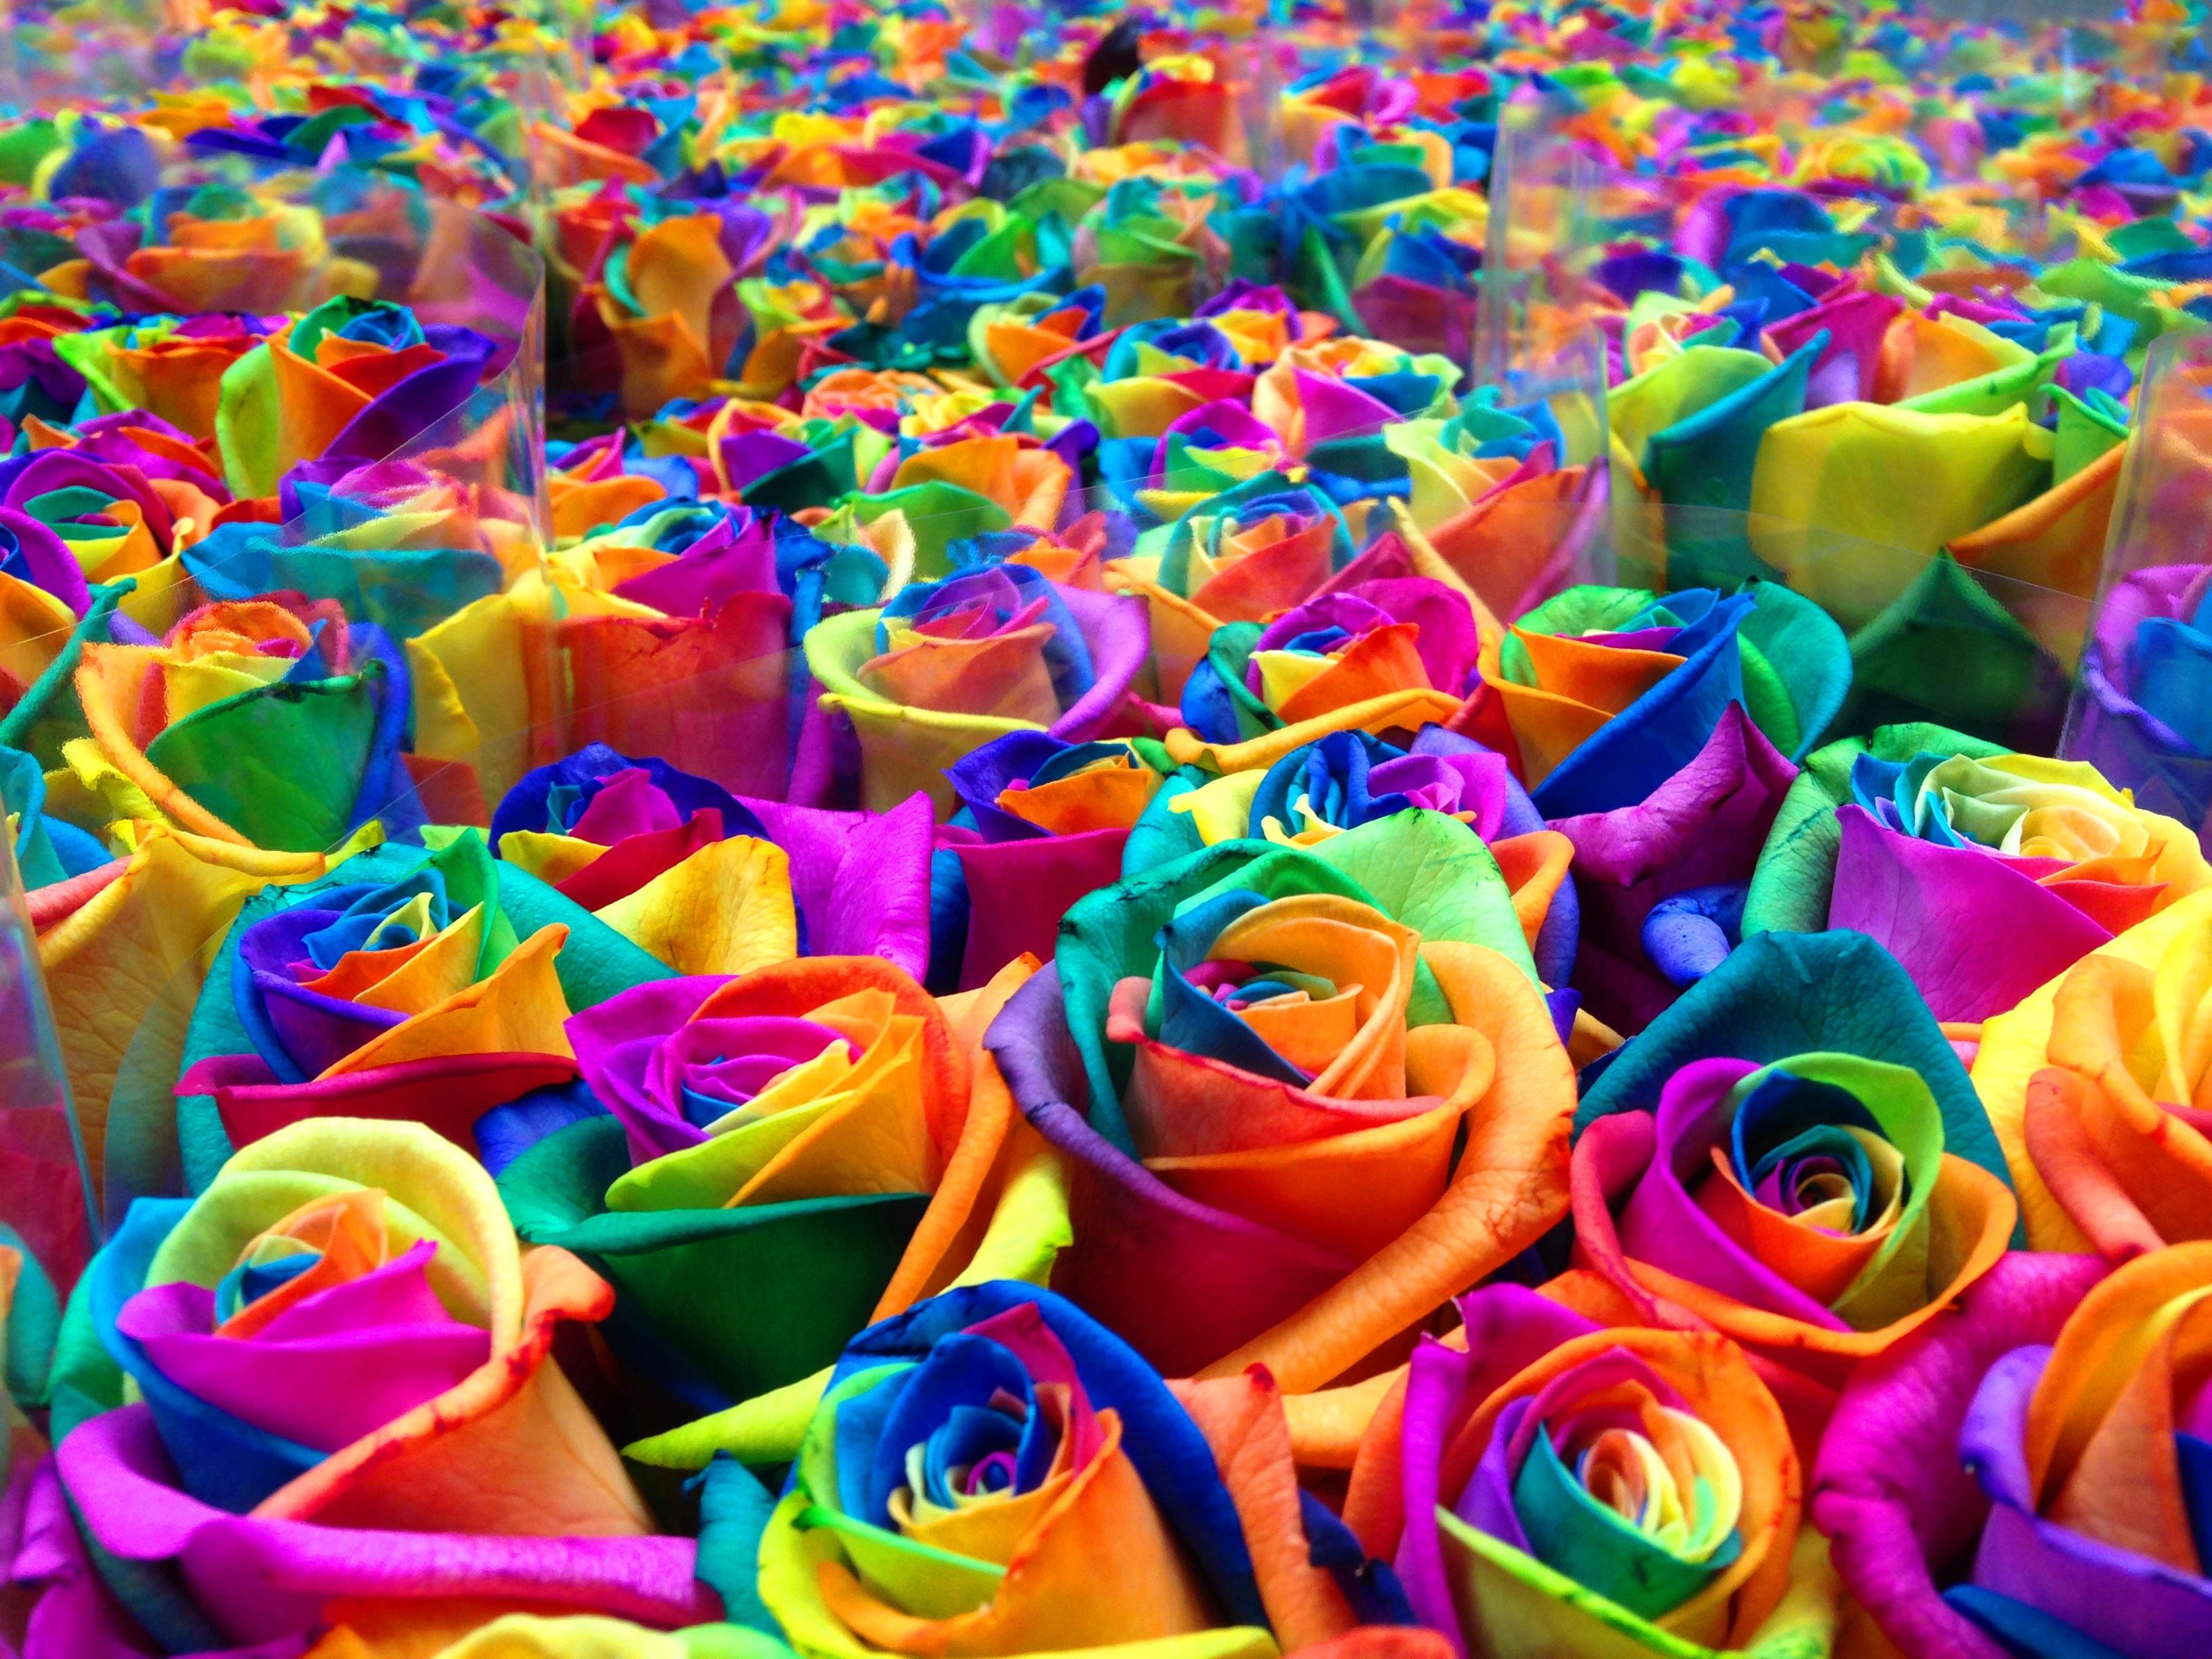 Geverfde rozen rodewijk rozen - Kleur idee voor het leven ...